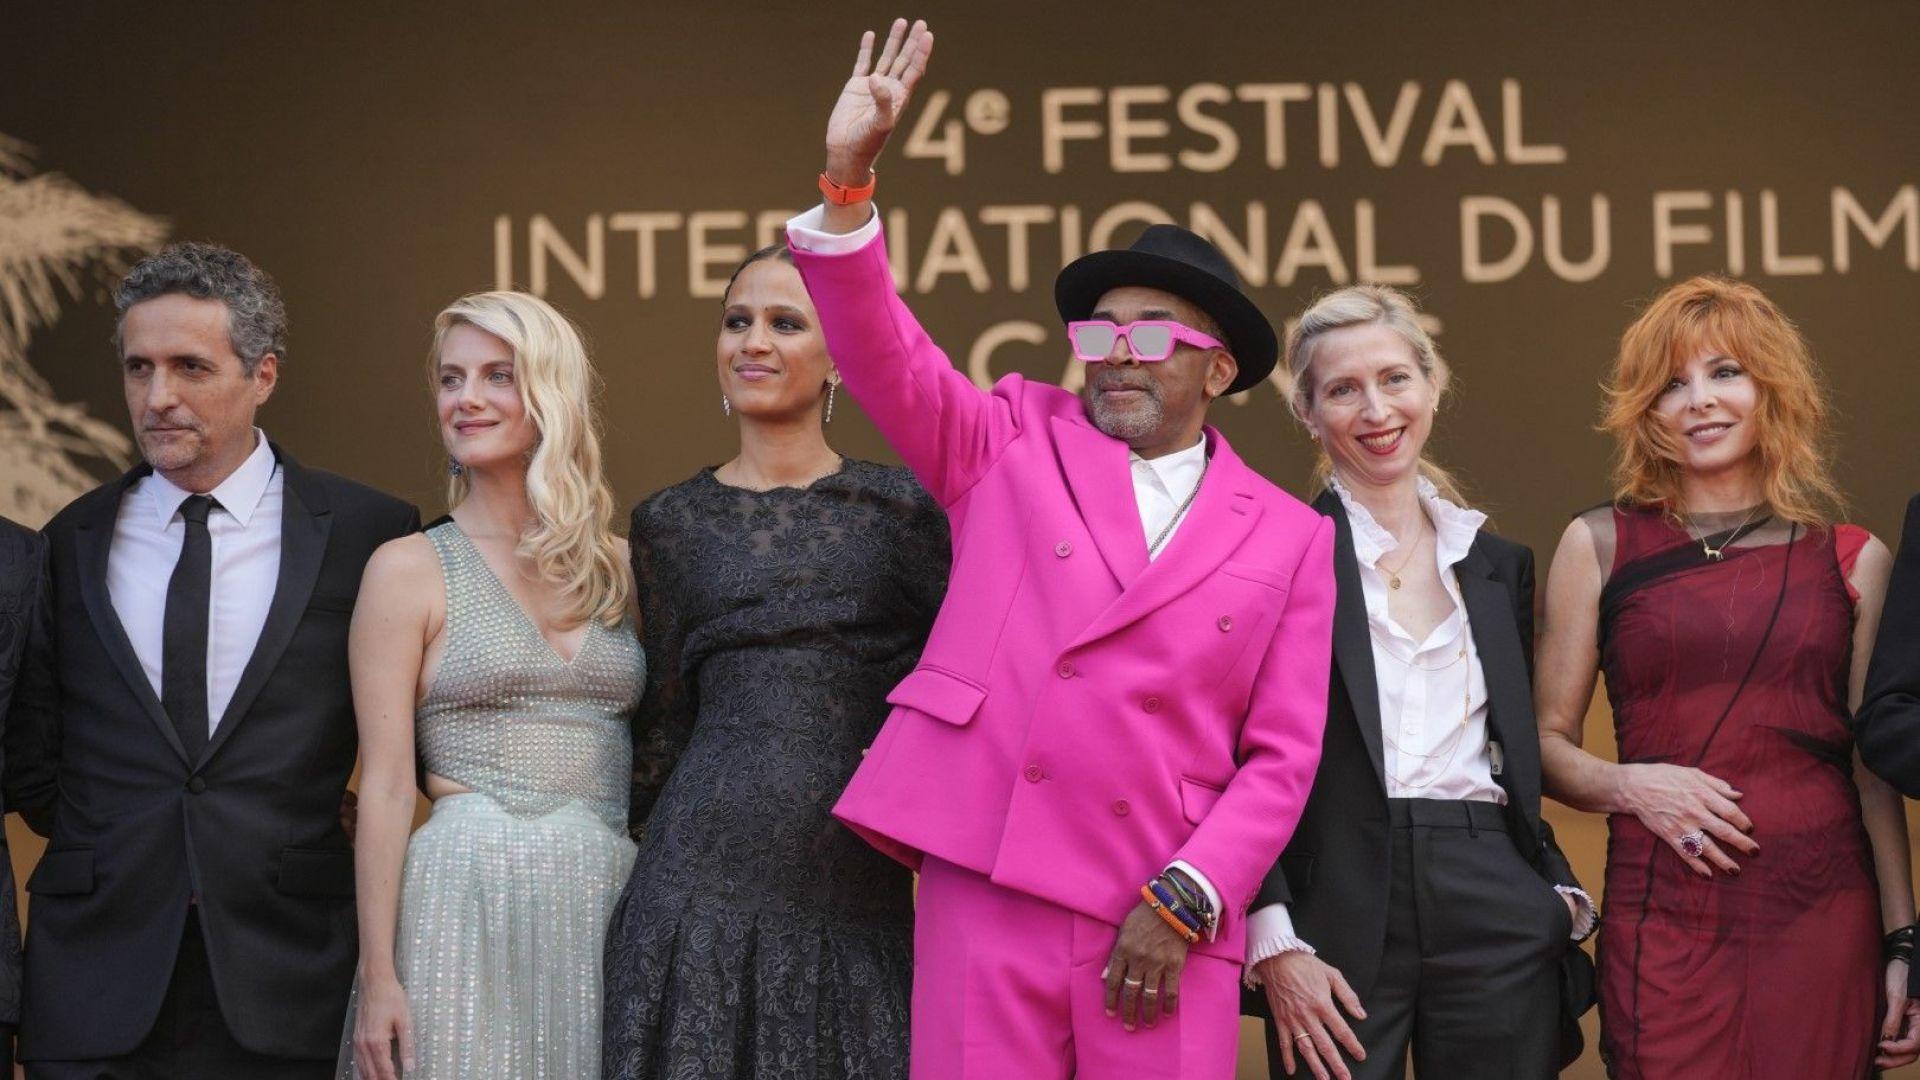 Журито на фестивала в Кан - председателят Спайк Лий е с розовия костюм